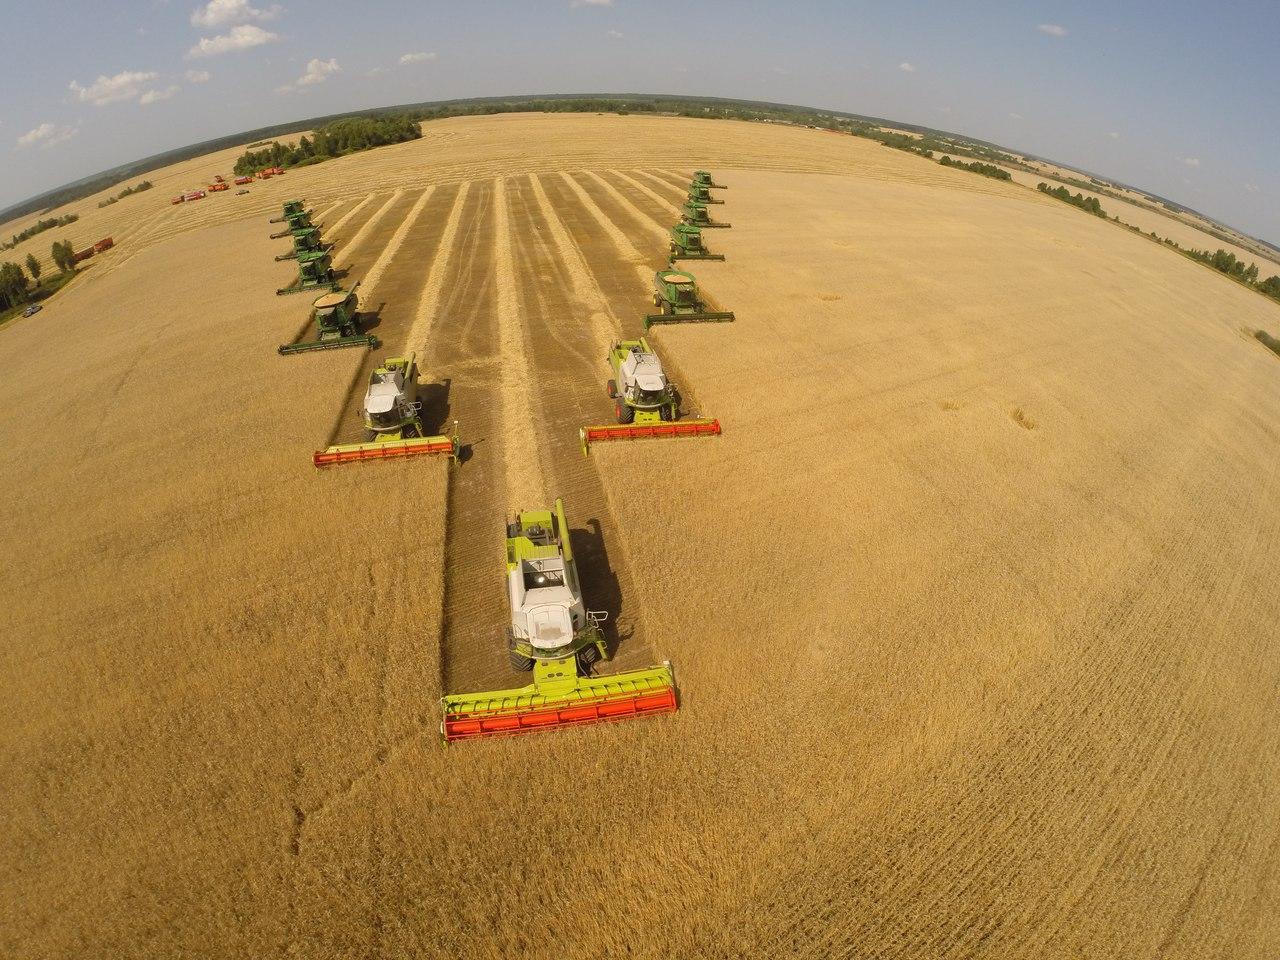 «Мираторг» инвестирует около 200 млн рублей на реализацию зернового проекта под Черняховском